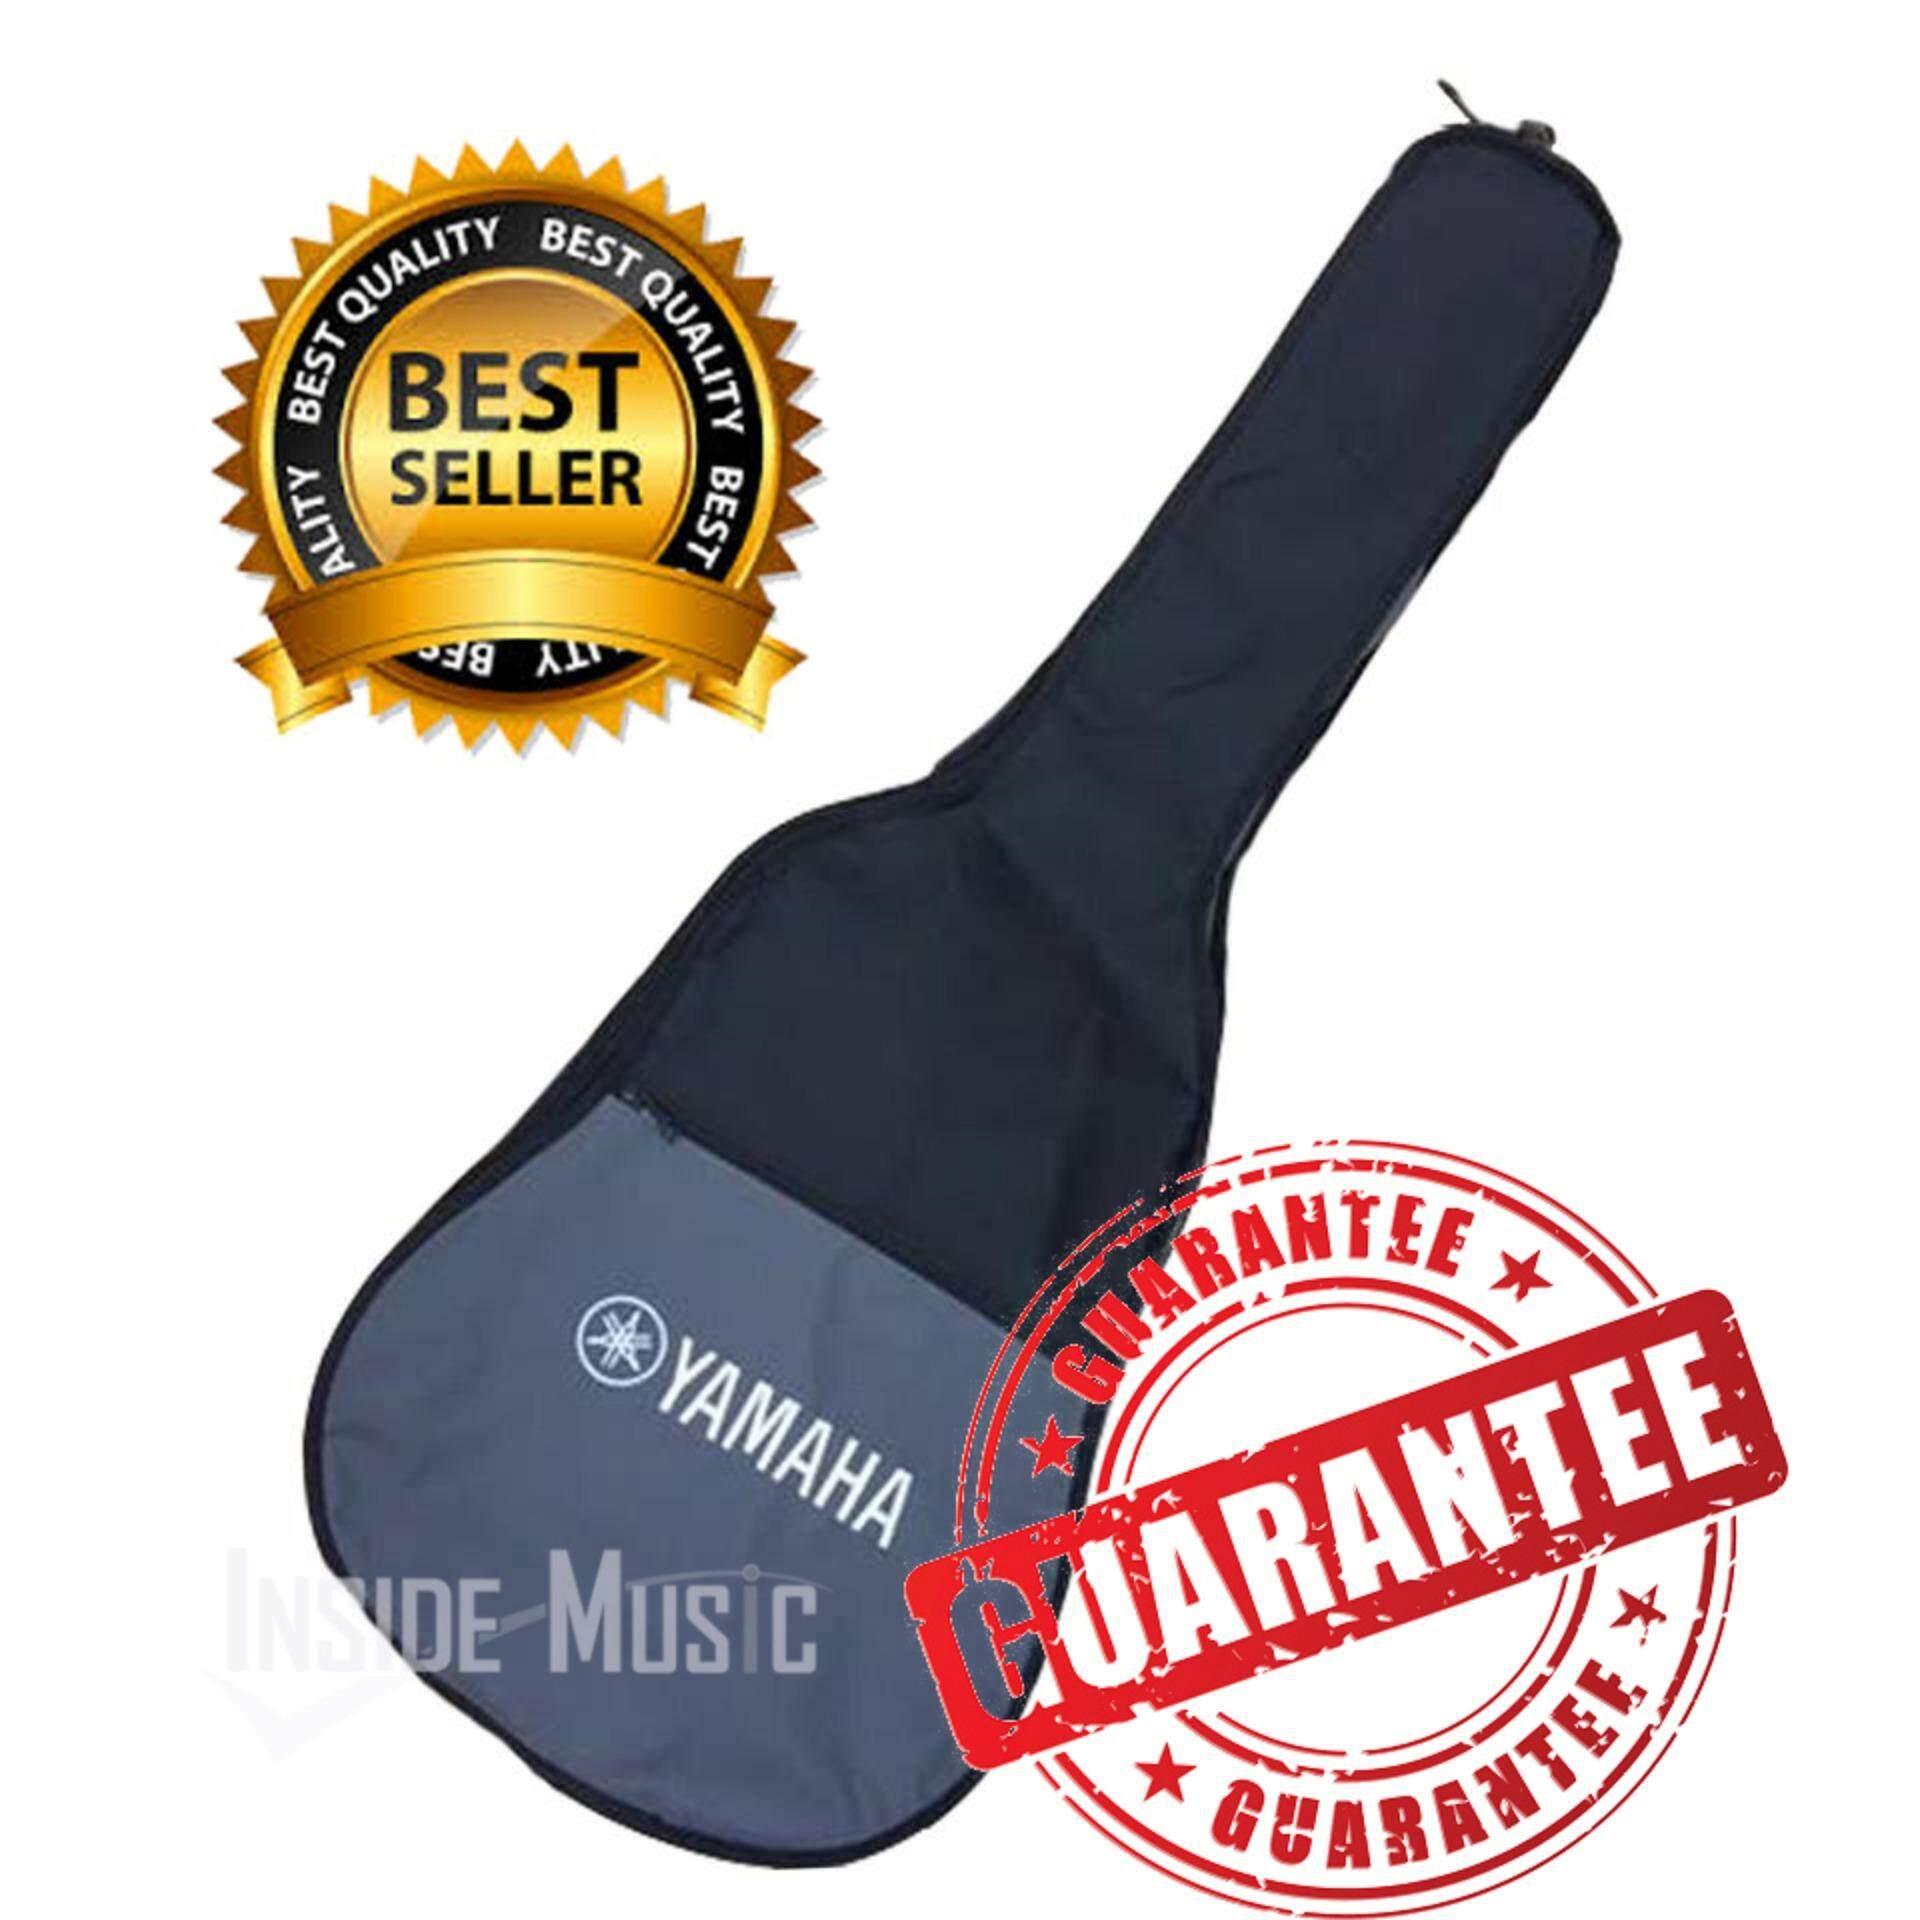 ราคา ราคาถูกที่สุด Yamaha กระเป๋ากีตาร์โปร่ง รุ่น ดำ เทา บุฟองน้ำอย่างดี